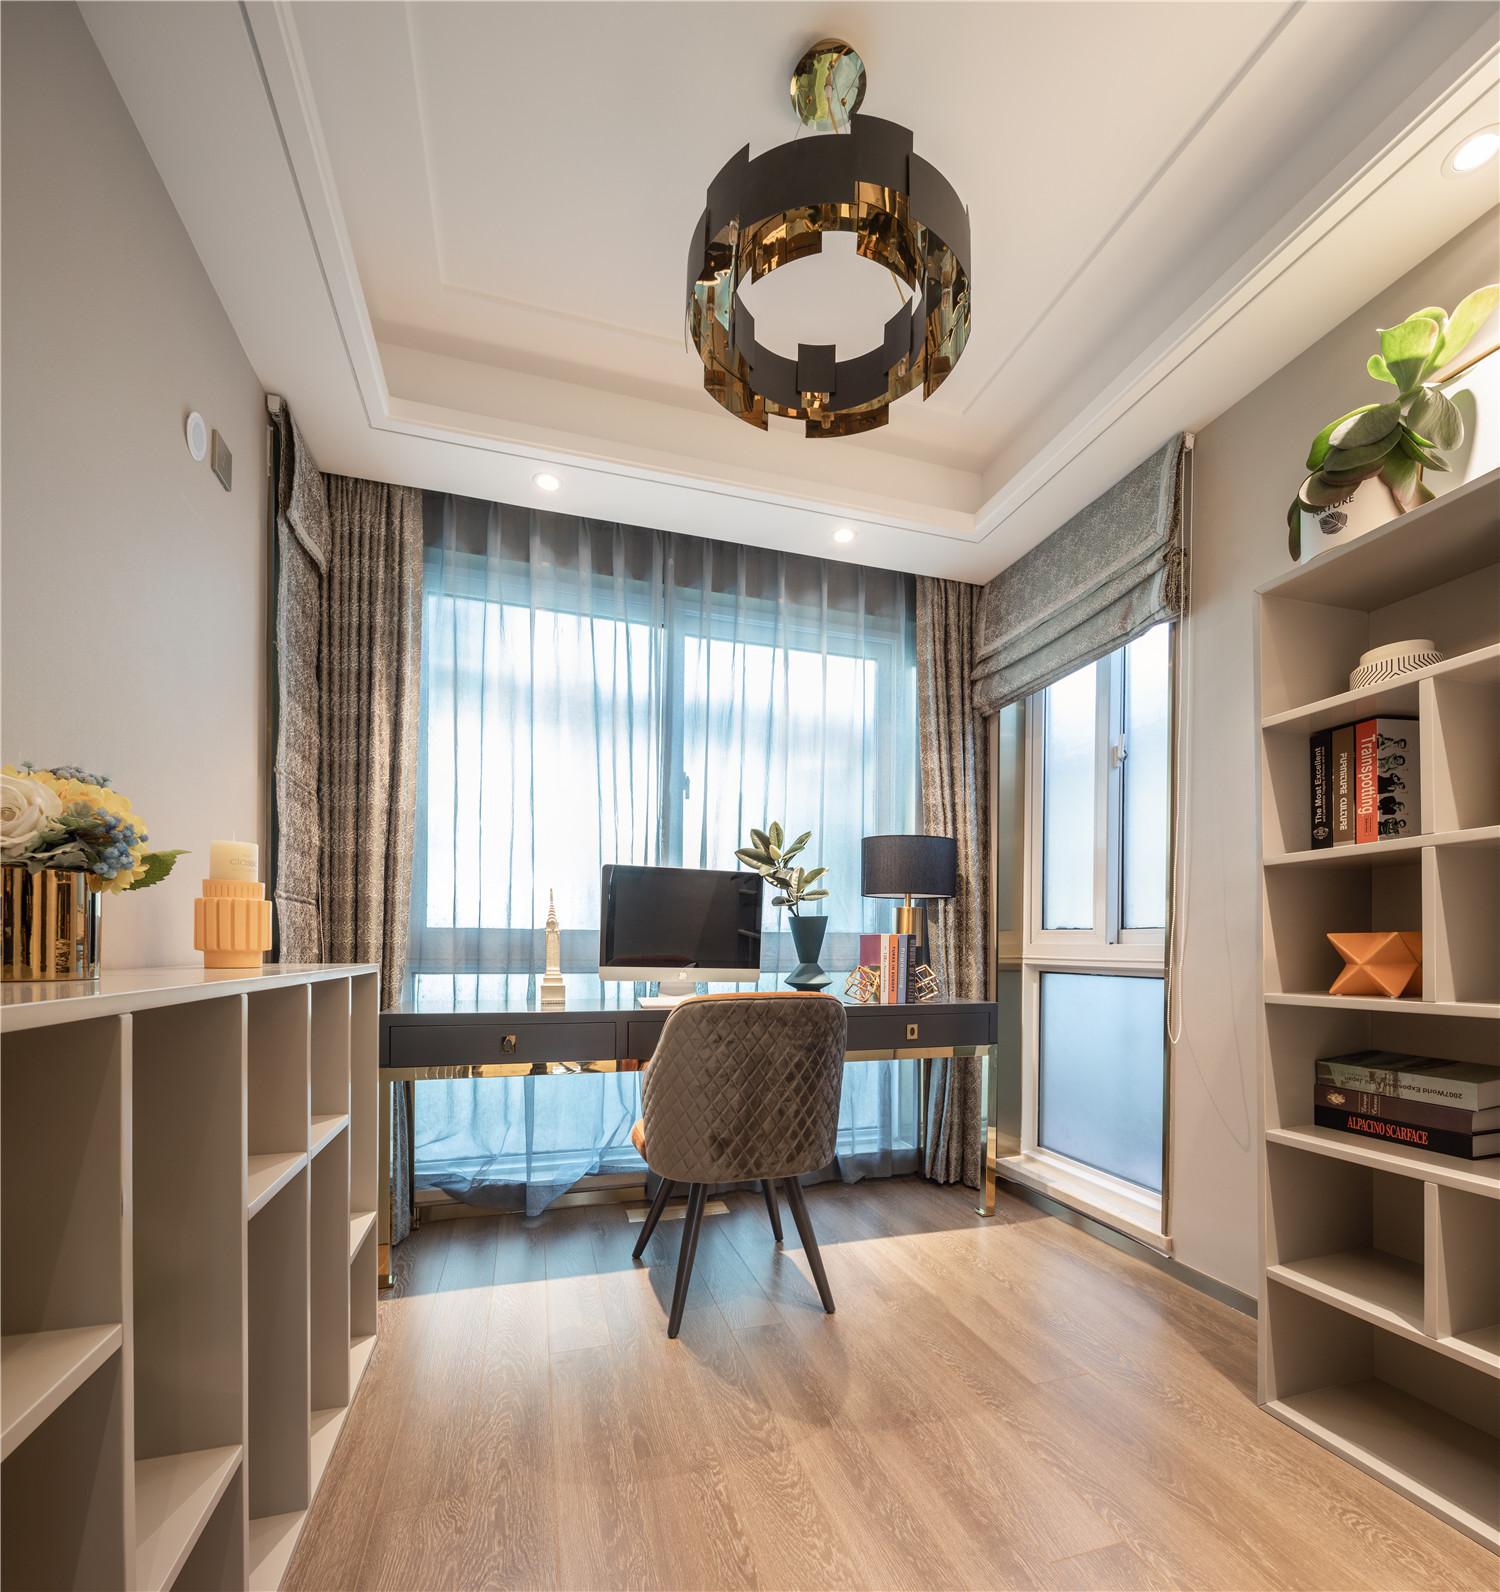 两面宽大的窗户让书房光线十足,双层窗帘设计让空间亮度自由调配。